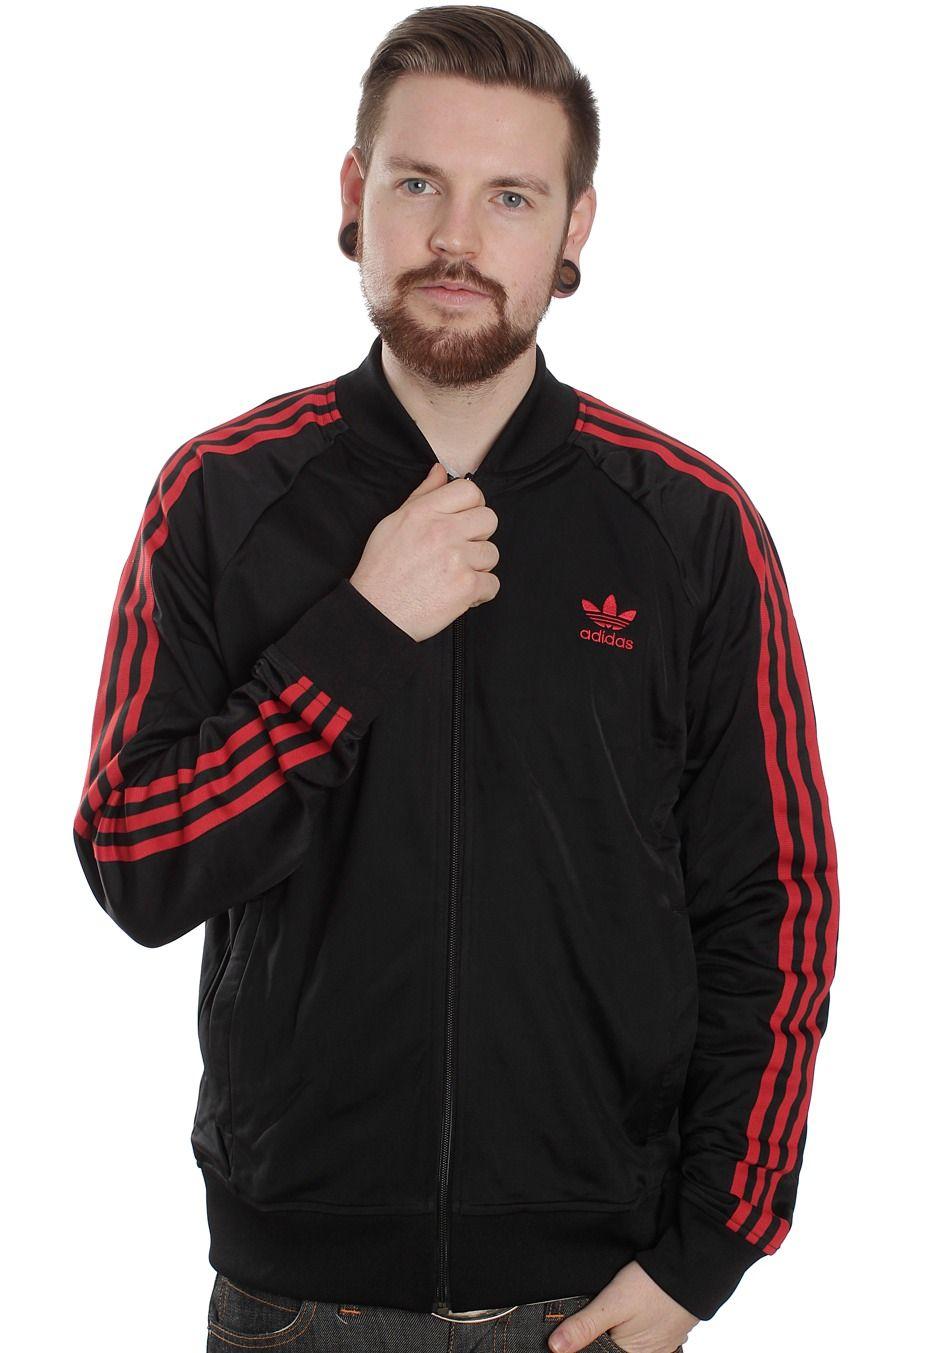 Fraseología Asesino comer  adidas superstar tt track jacket in black light scarlet - 65% remise -  www.muminlerotomotiv.com.tr